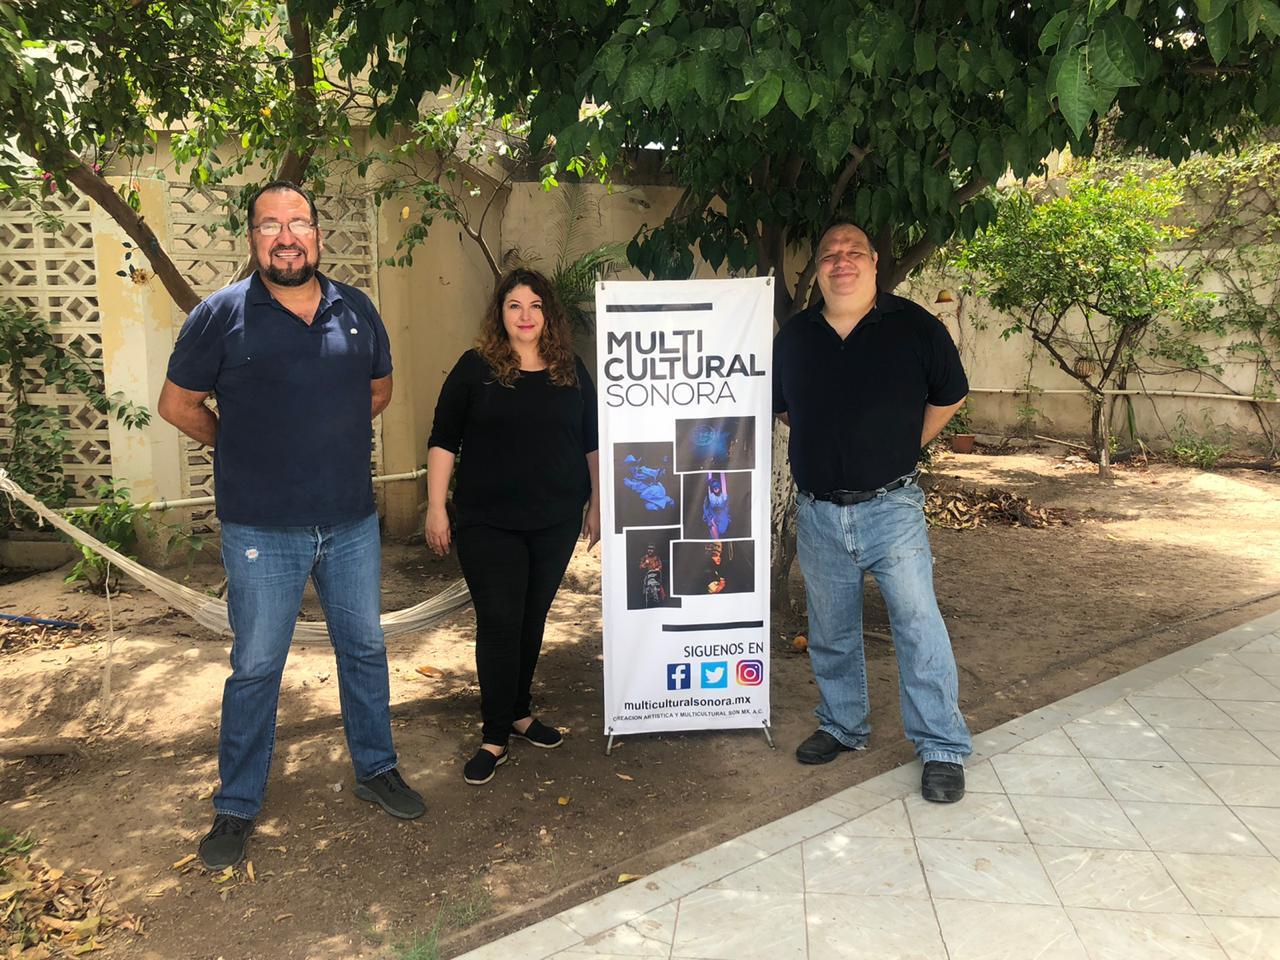 Multi Cultural Sonora